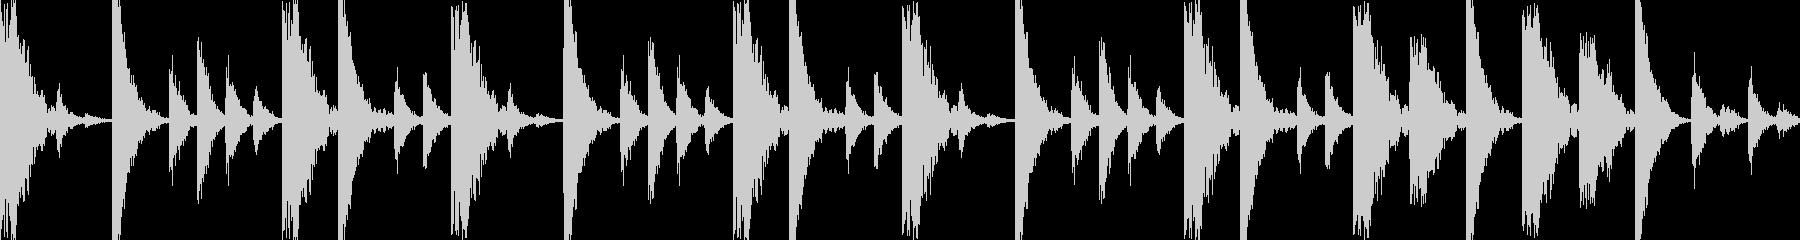 ドラムンベースのリズムループパターン05の未再生の波形